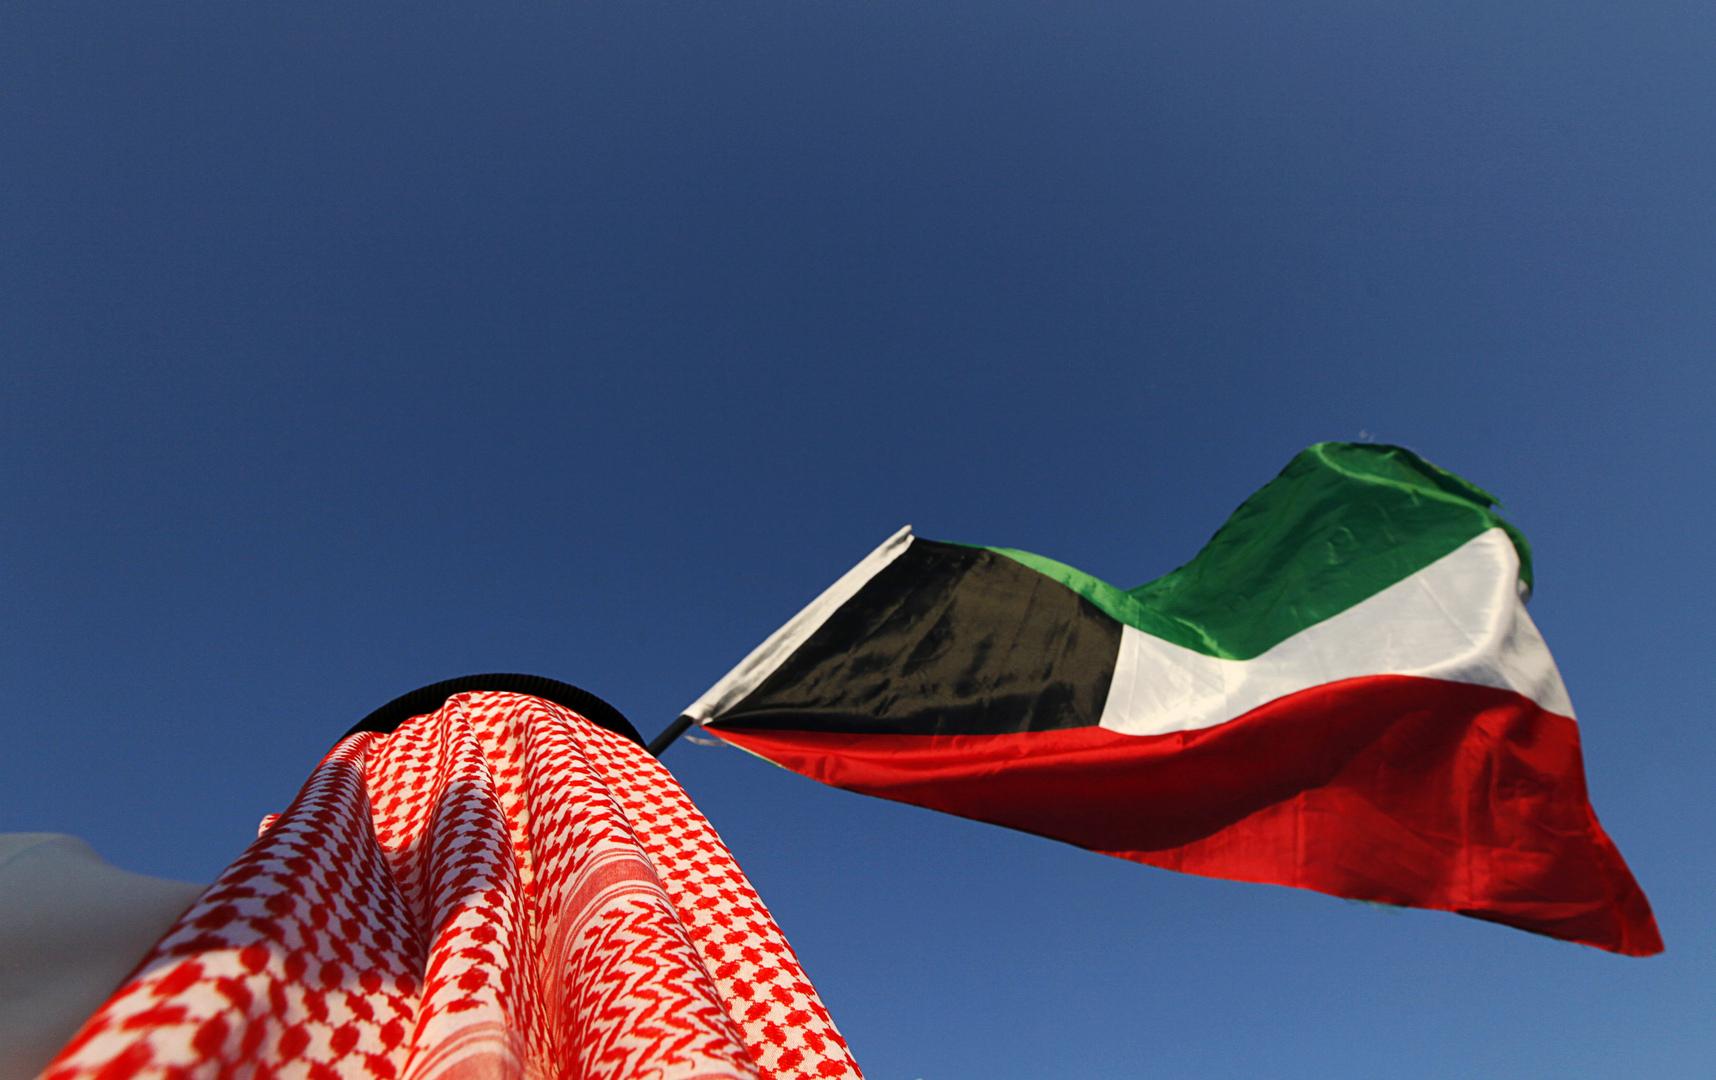 النيابة المصرية تخلي سبيل مصور فيديو حرق علم الكويت نافية نيته الإساءة للكويت وشعبها